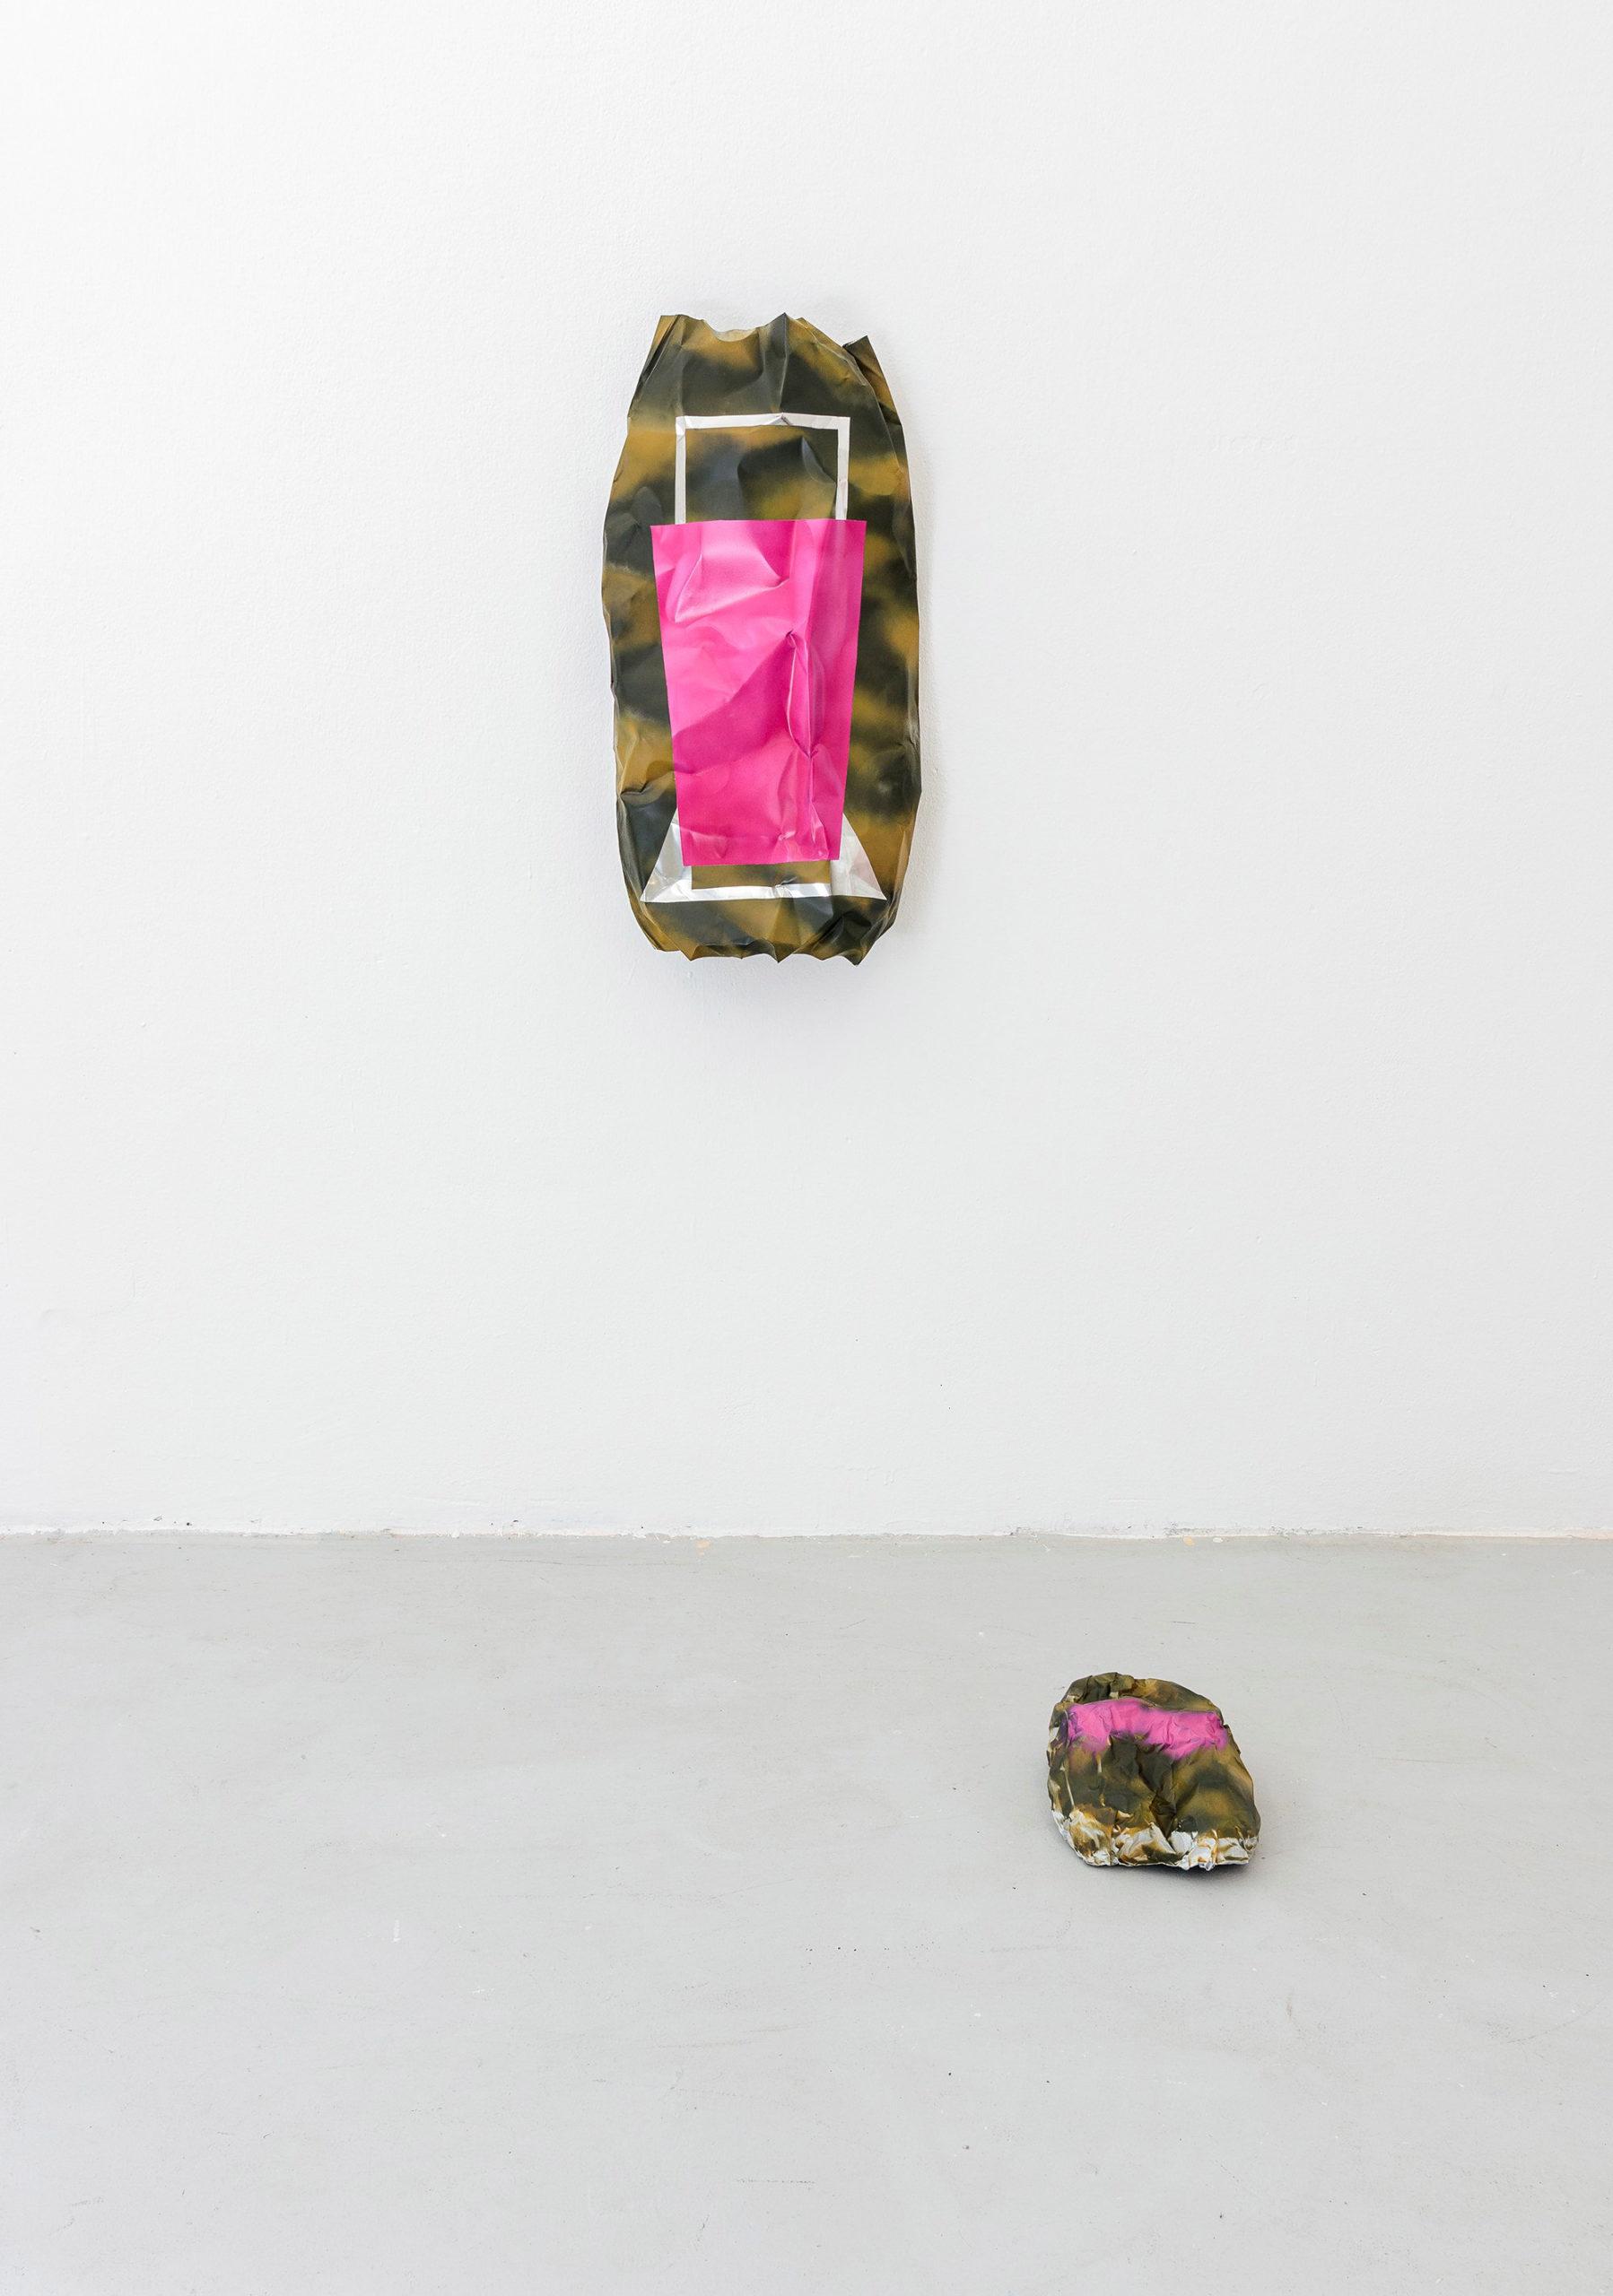 Ein Objekt an der Wand, eins am Boden. Beide undefinierbar und punk.